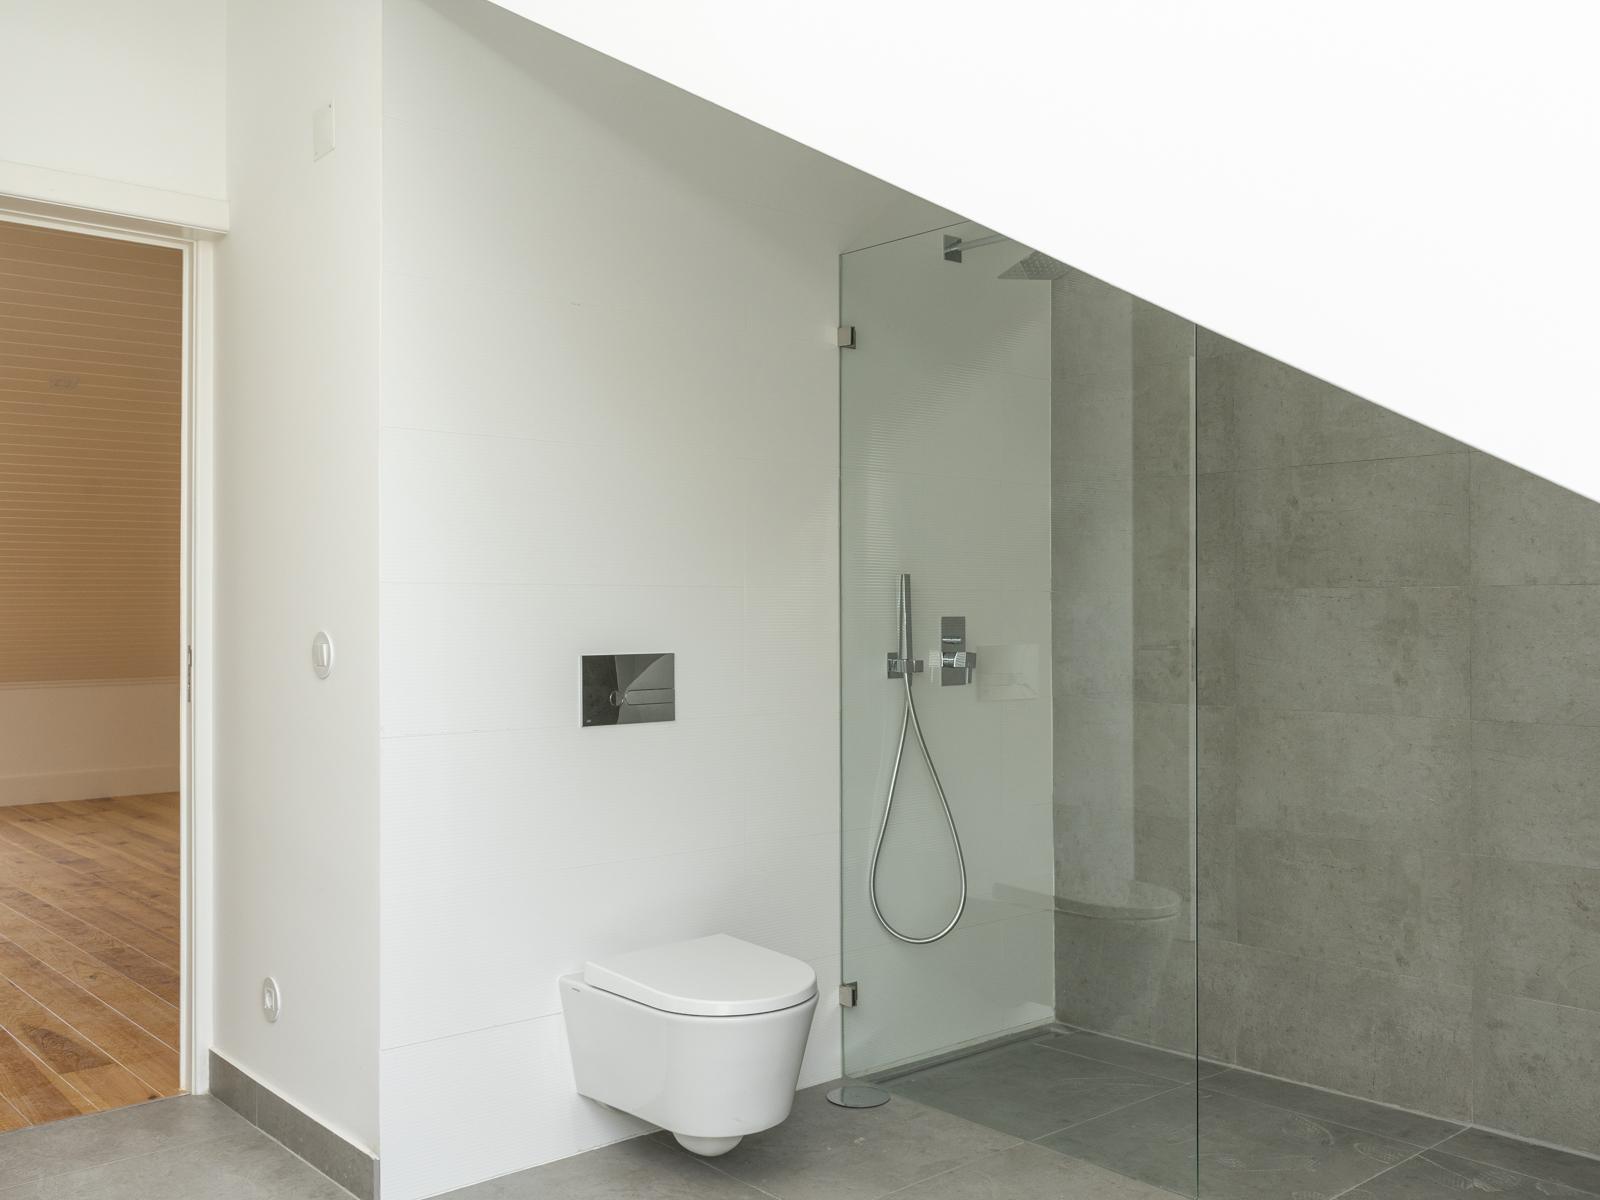 למכירה דירה דופלקס משופצת 3 חדרים+מרפסת בגראסה